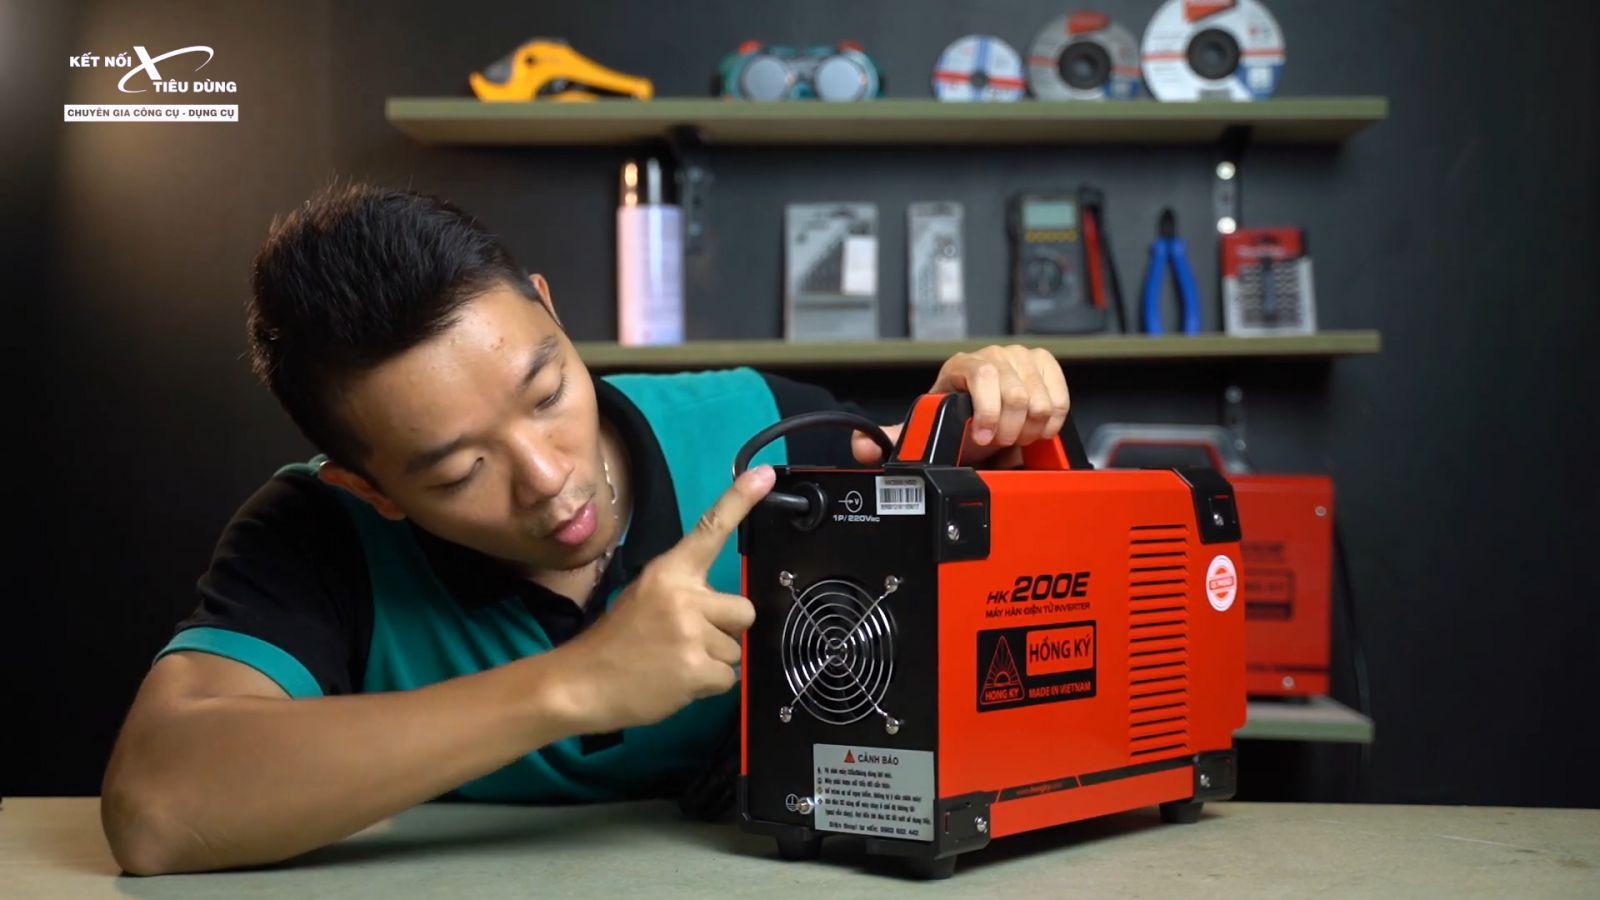 Tìm hiểu cấu tạo máy hàn que, cách đọc thông số kỹ thuật máy hàn - nguồn điện máy hàn que